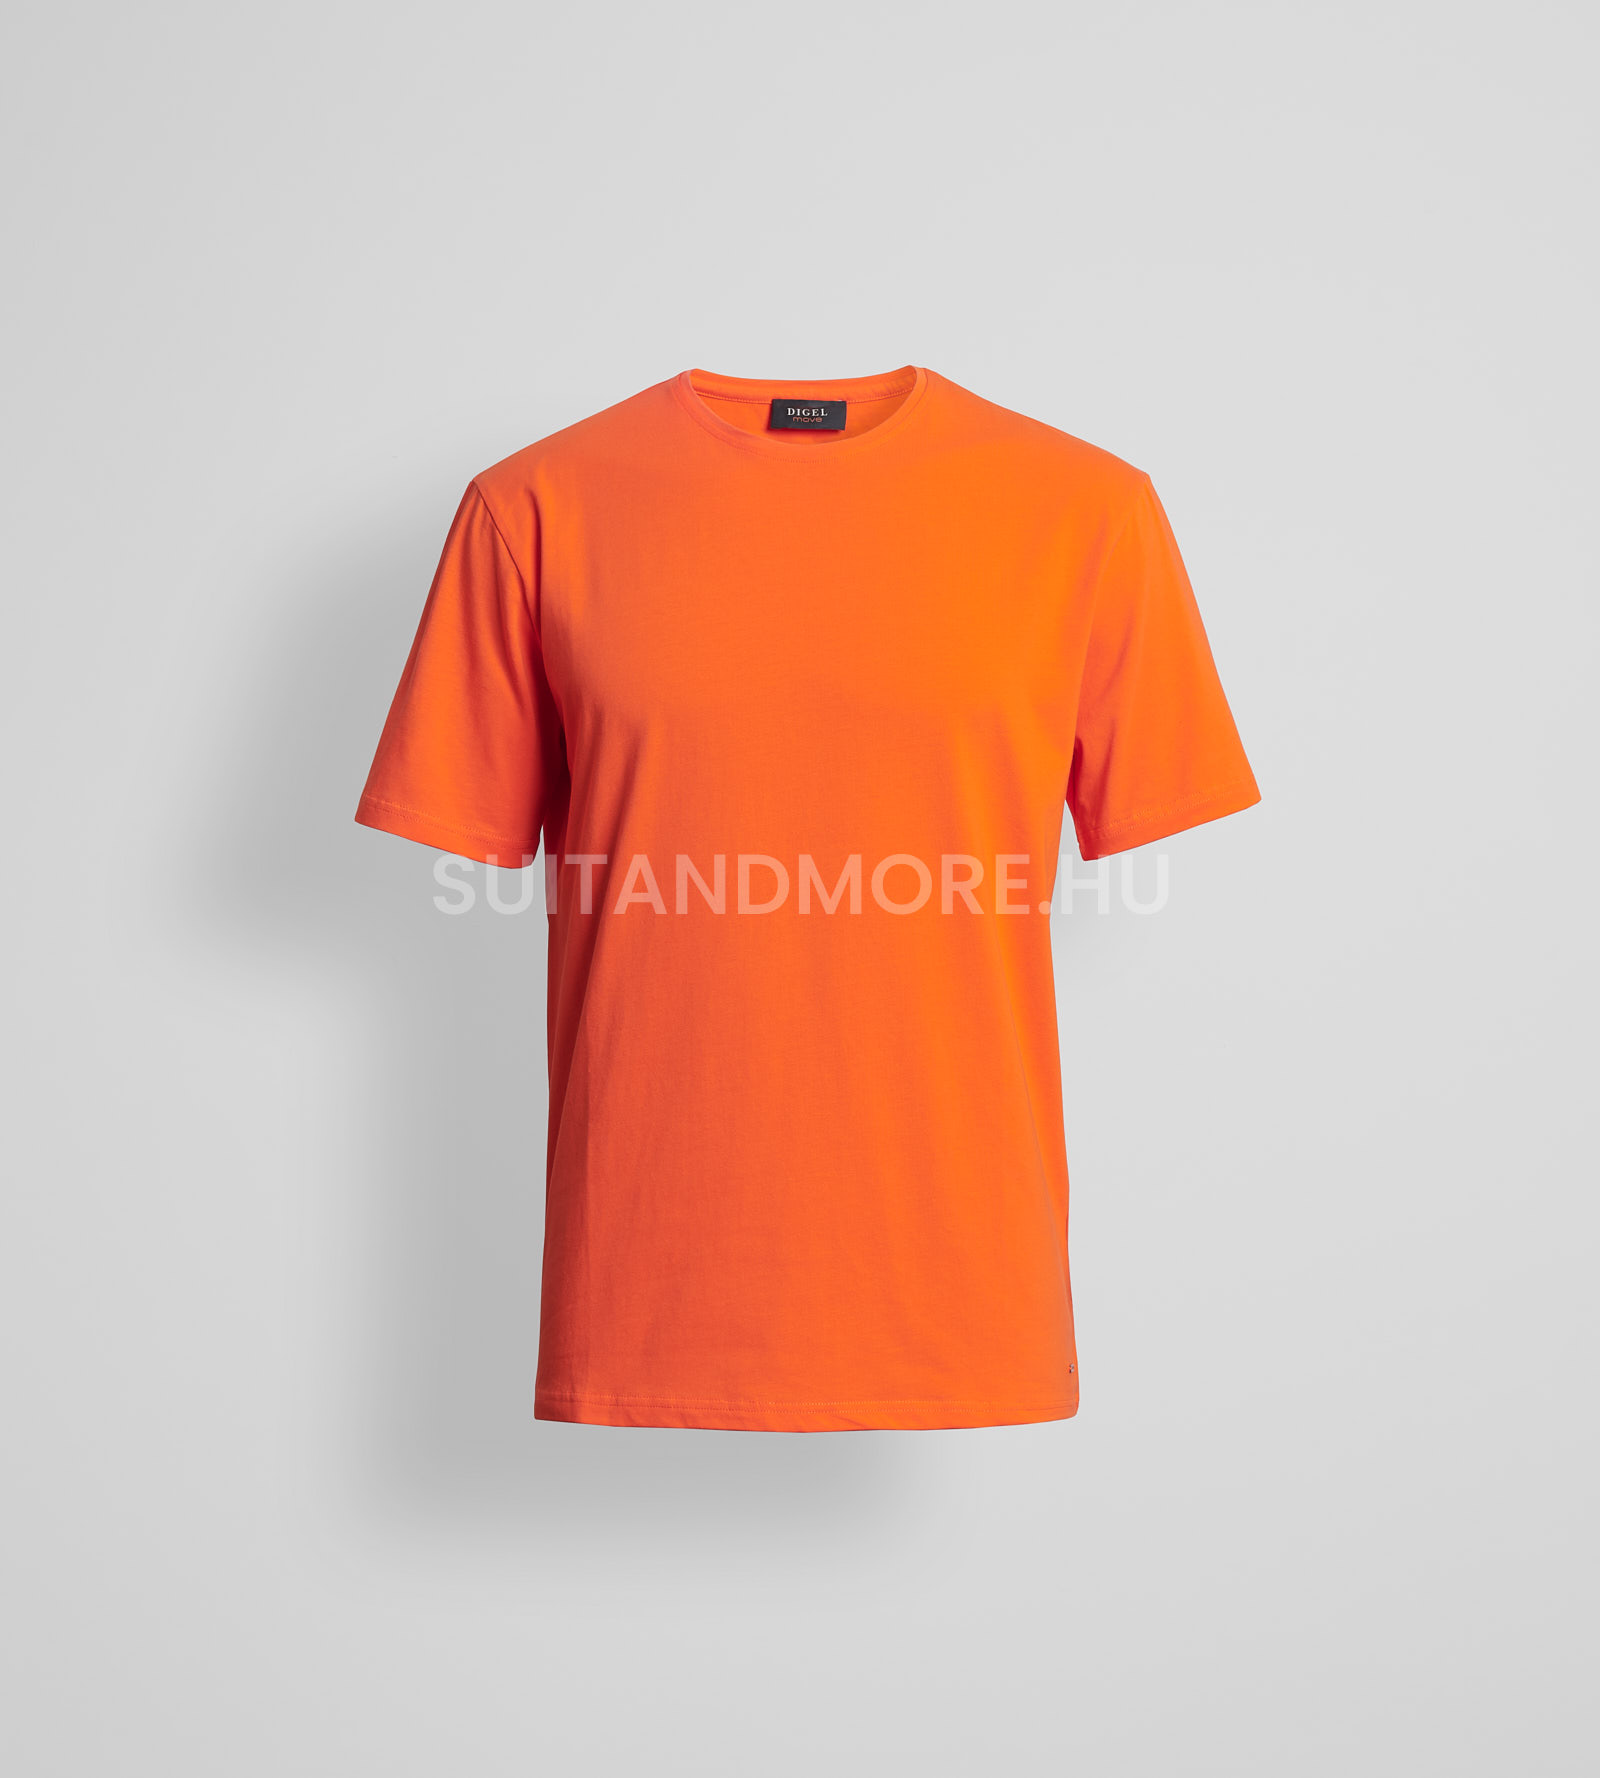 DIGEL-narancssárga-slim-fit-kerek-nyakú-póló-ANANI-1-2-1108120-95-01